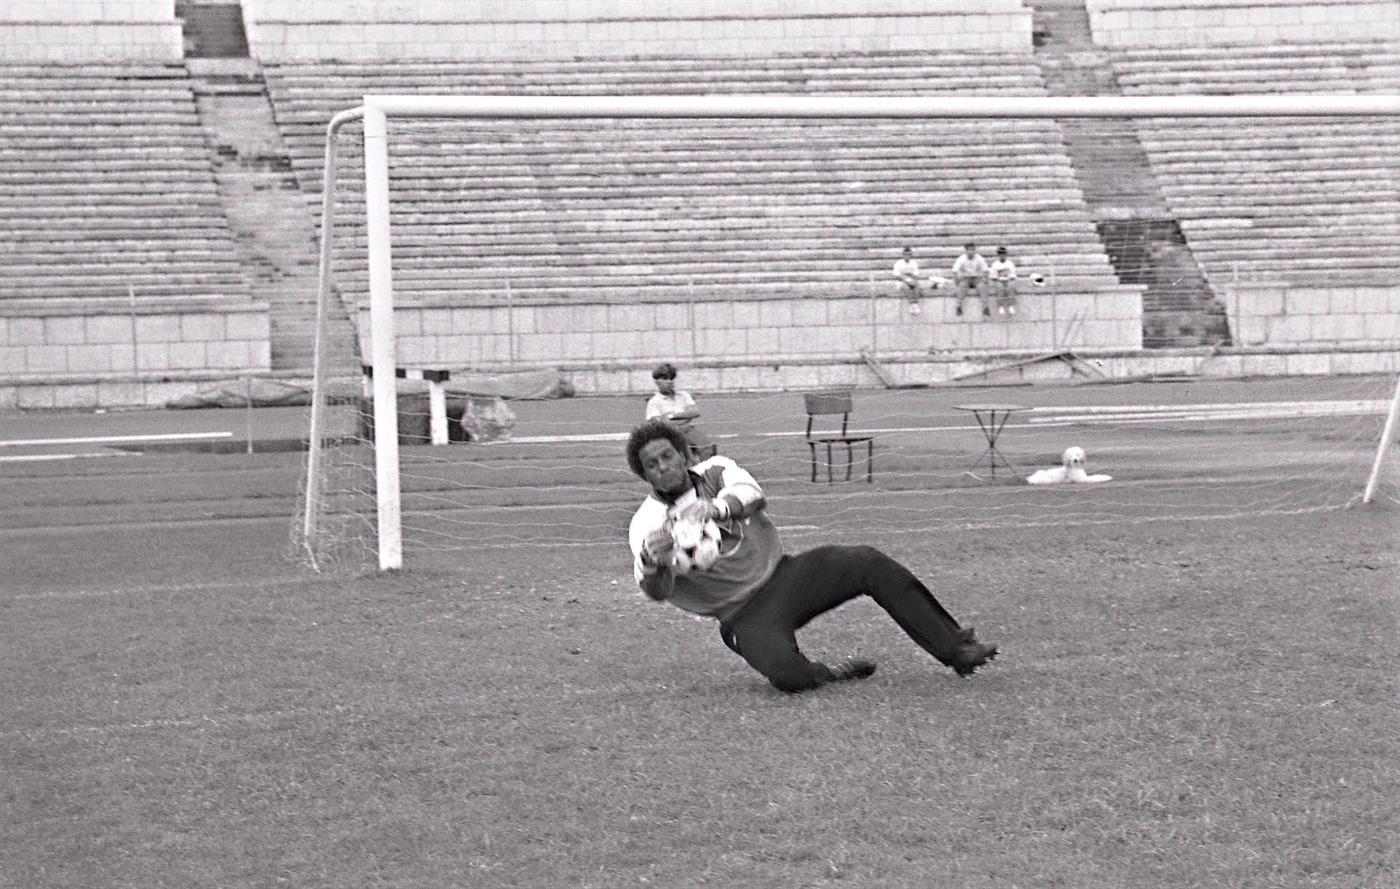 Neno fotografado em 1989 num treino da seleção nacional de futebol no estádio do Jamor, para a preparação